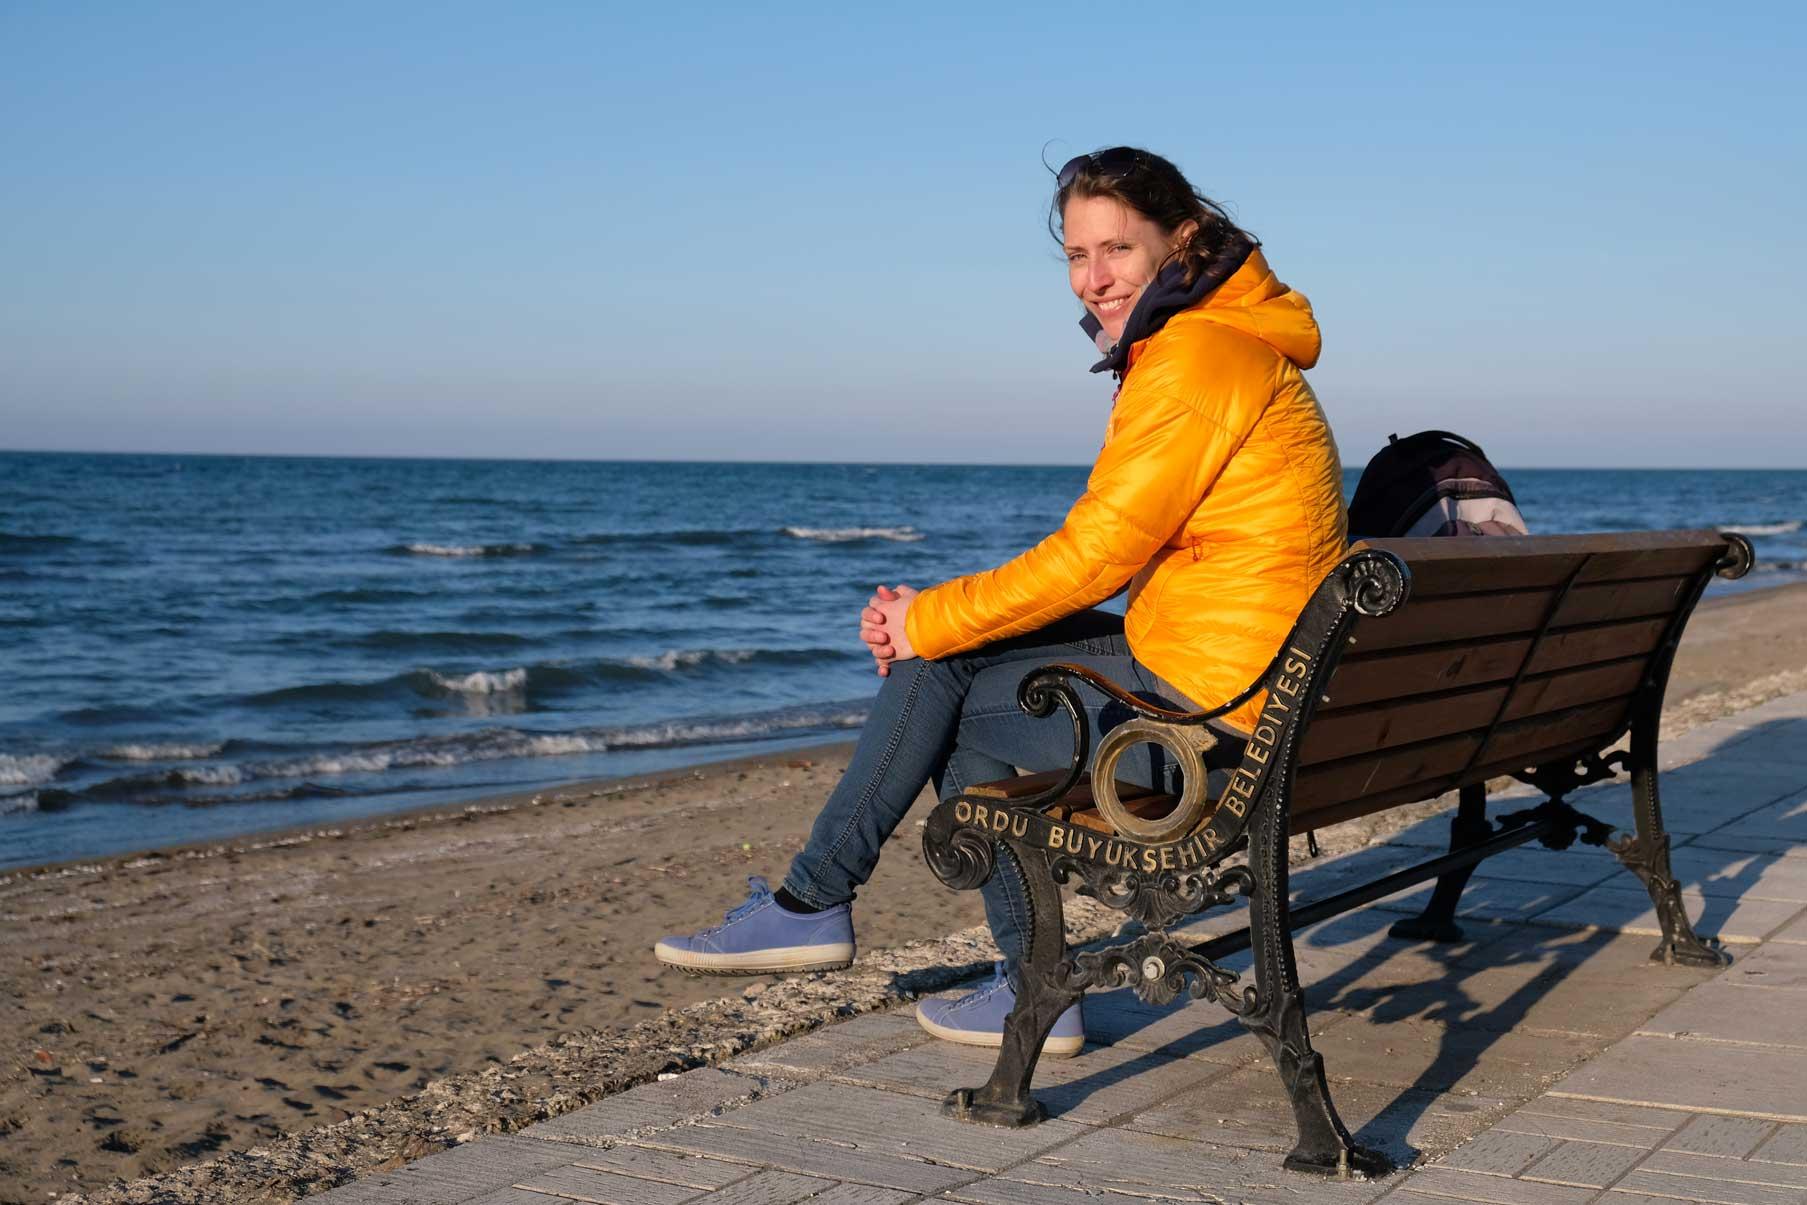 Leo sitzt auf einer Bank am Strand